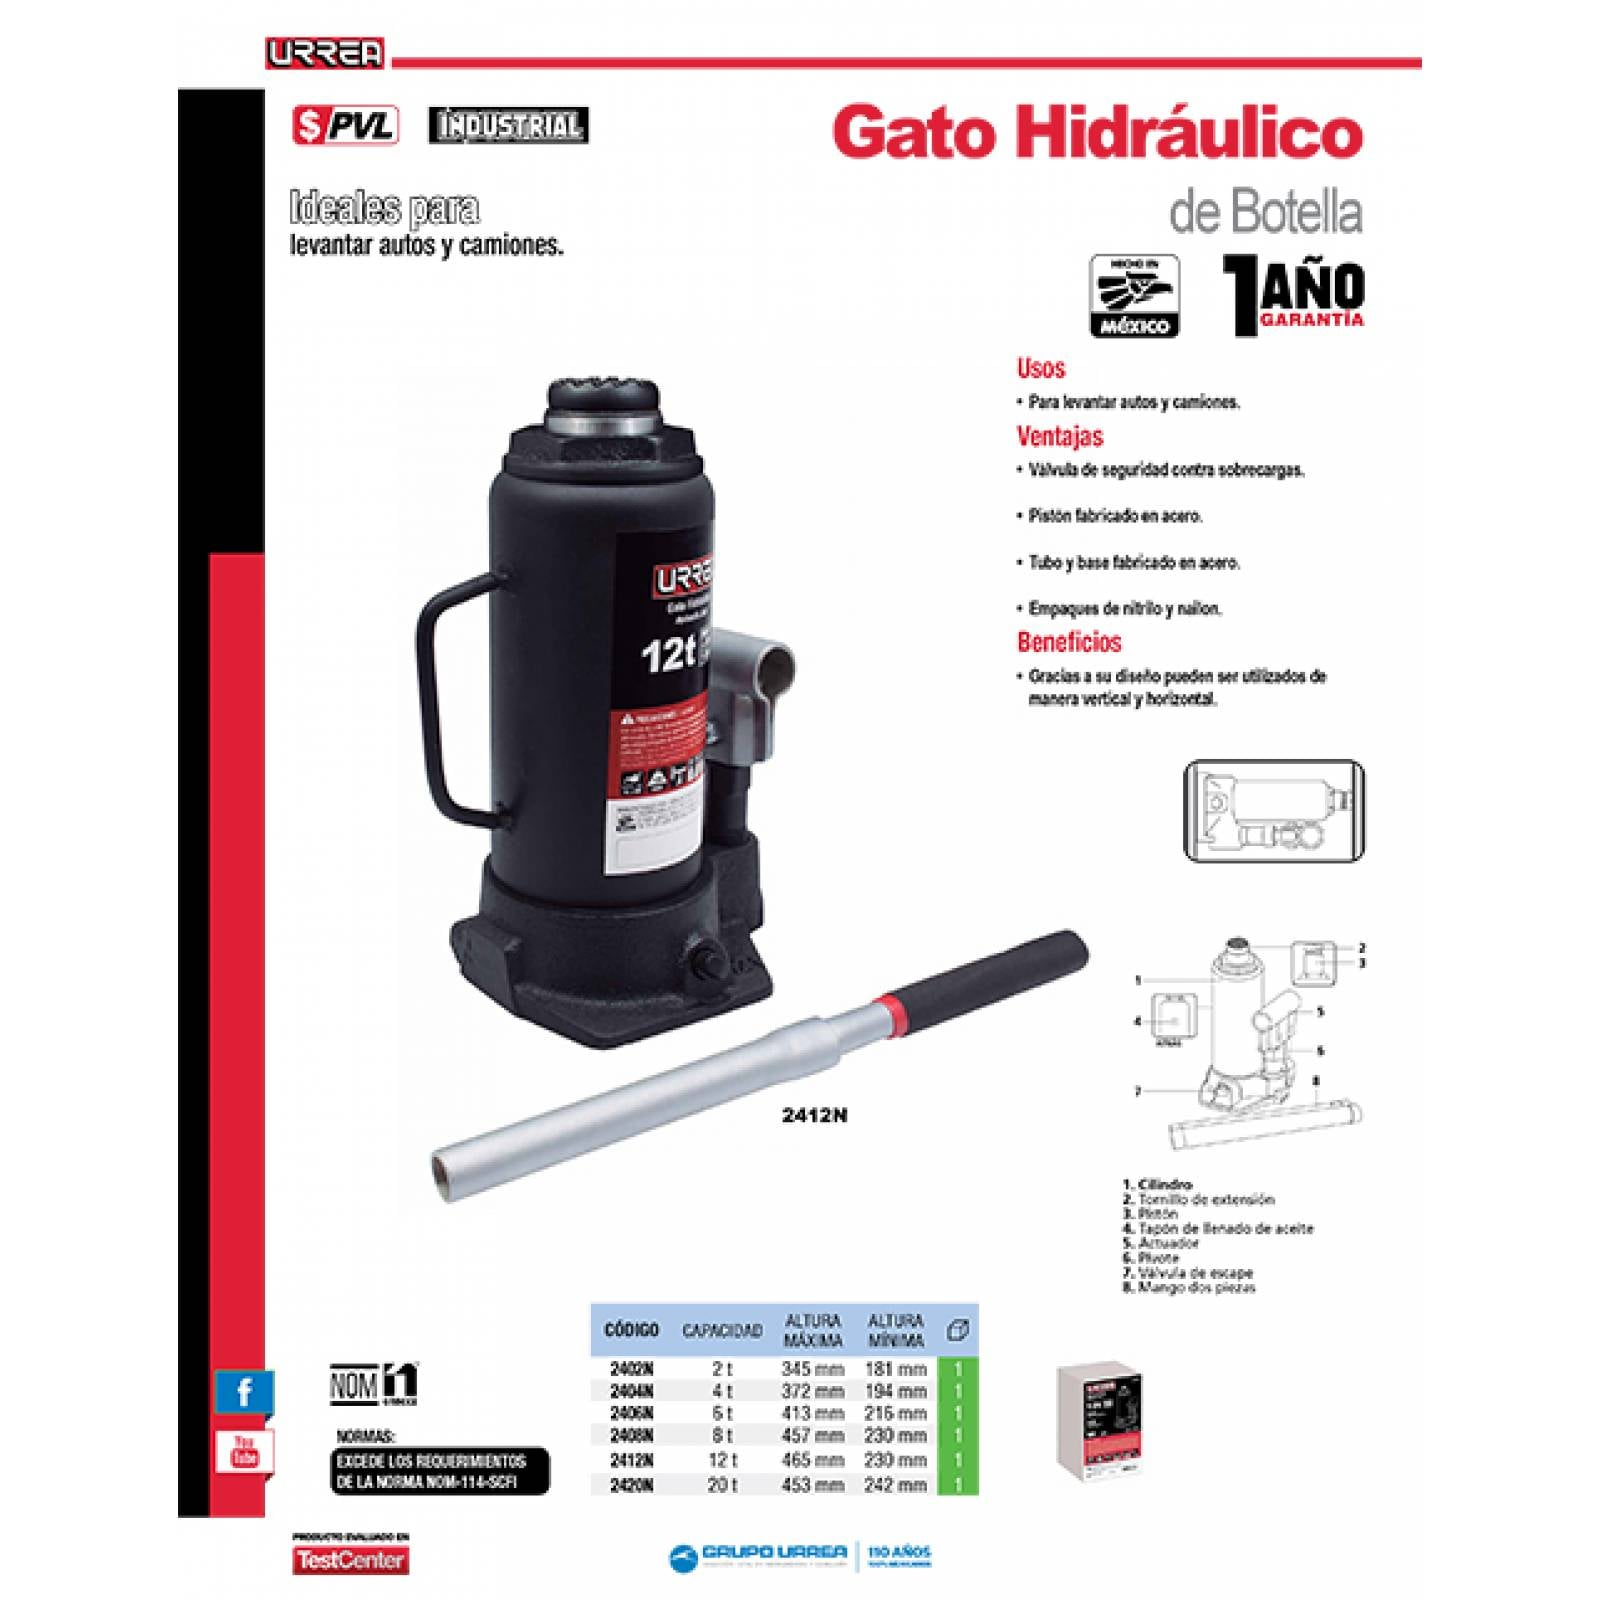 Gato De Botella, Uso Industrial De 12 Toneladas 2412N Urrea